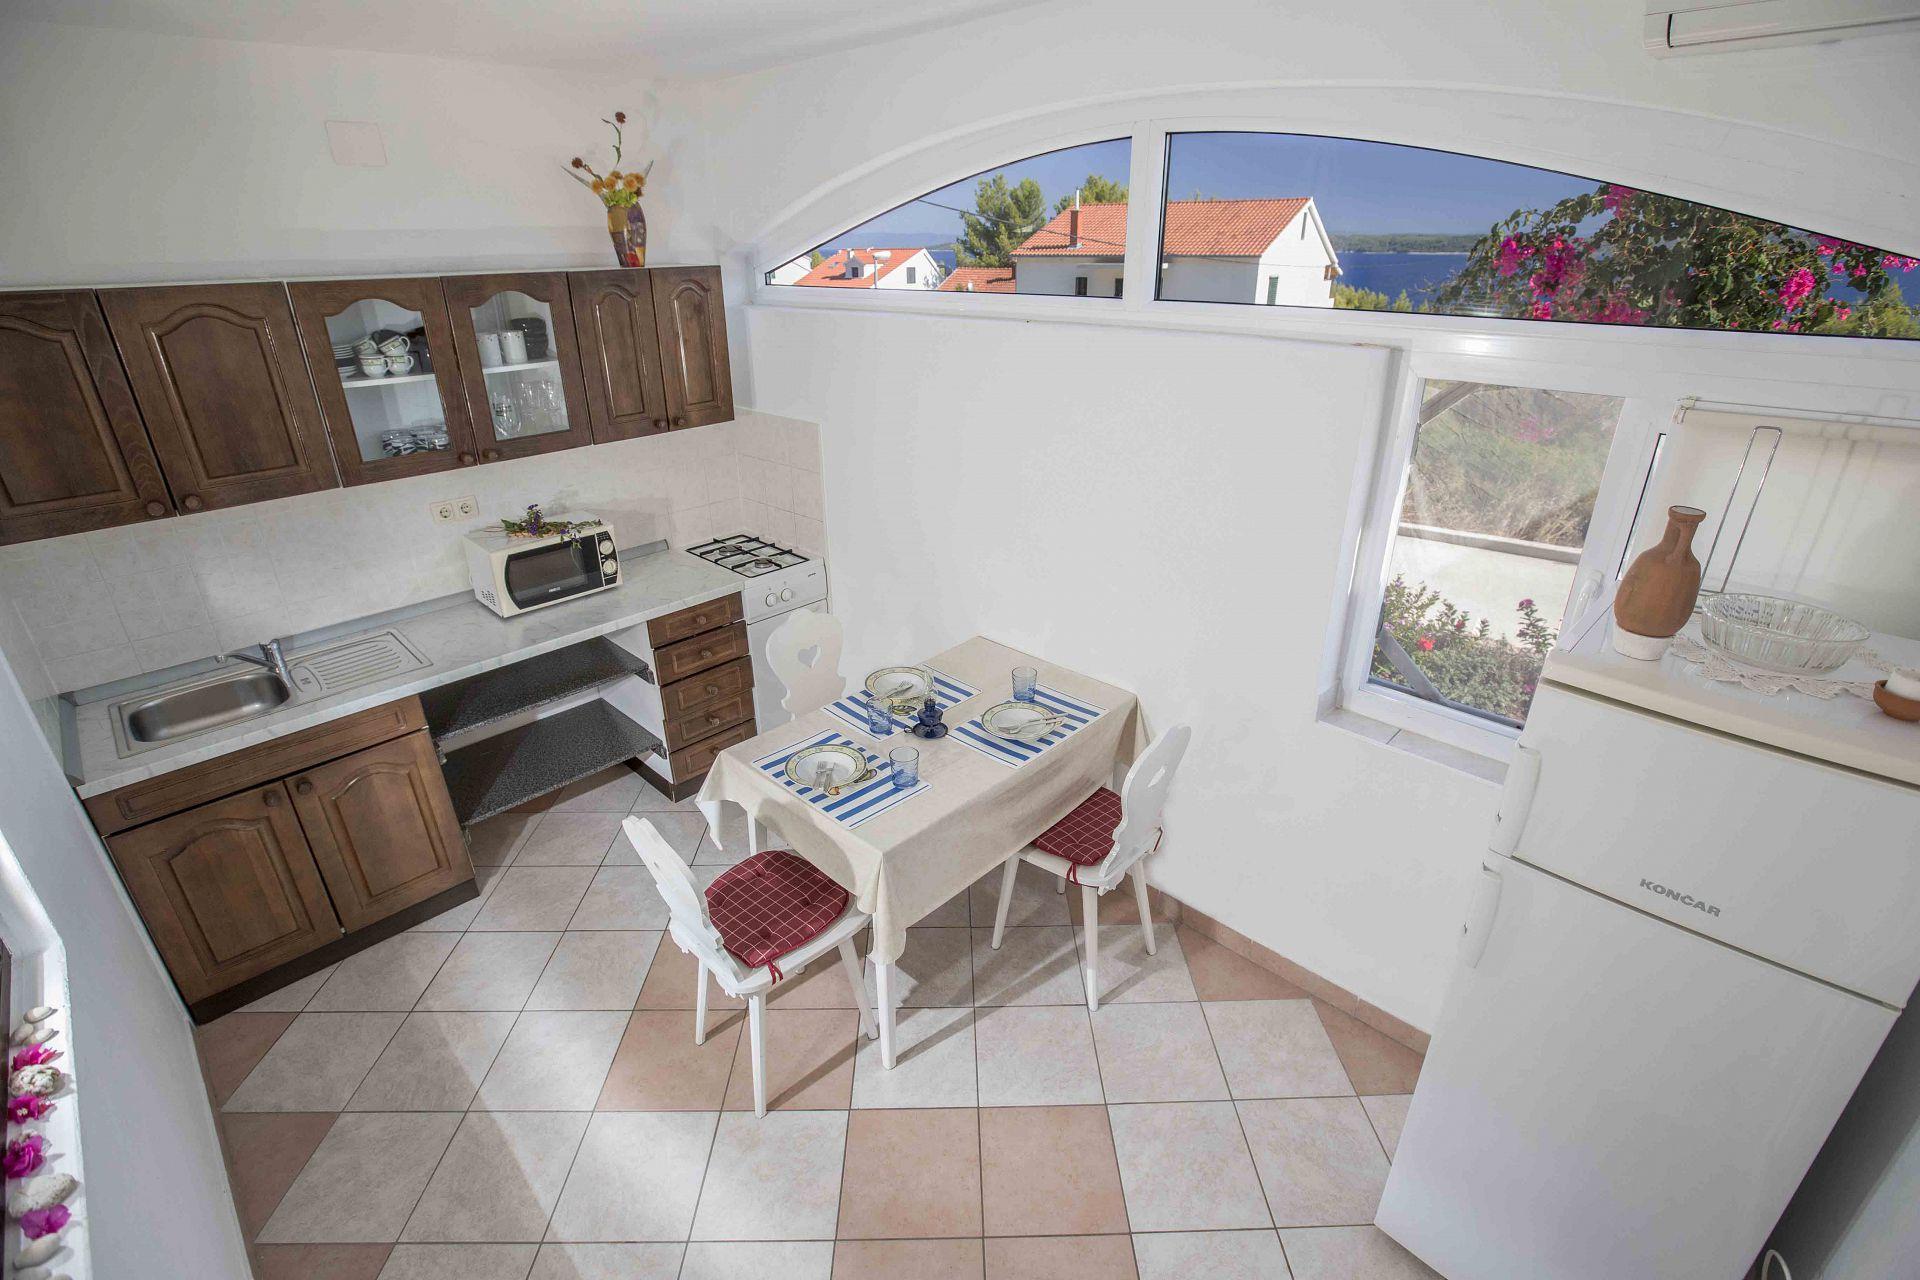 00603ZAVA - Zavala - Appartementen Kroatië - Meri(4): keuken en eetkamer